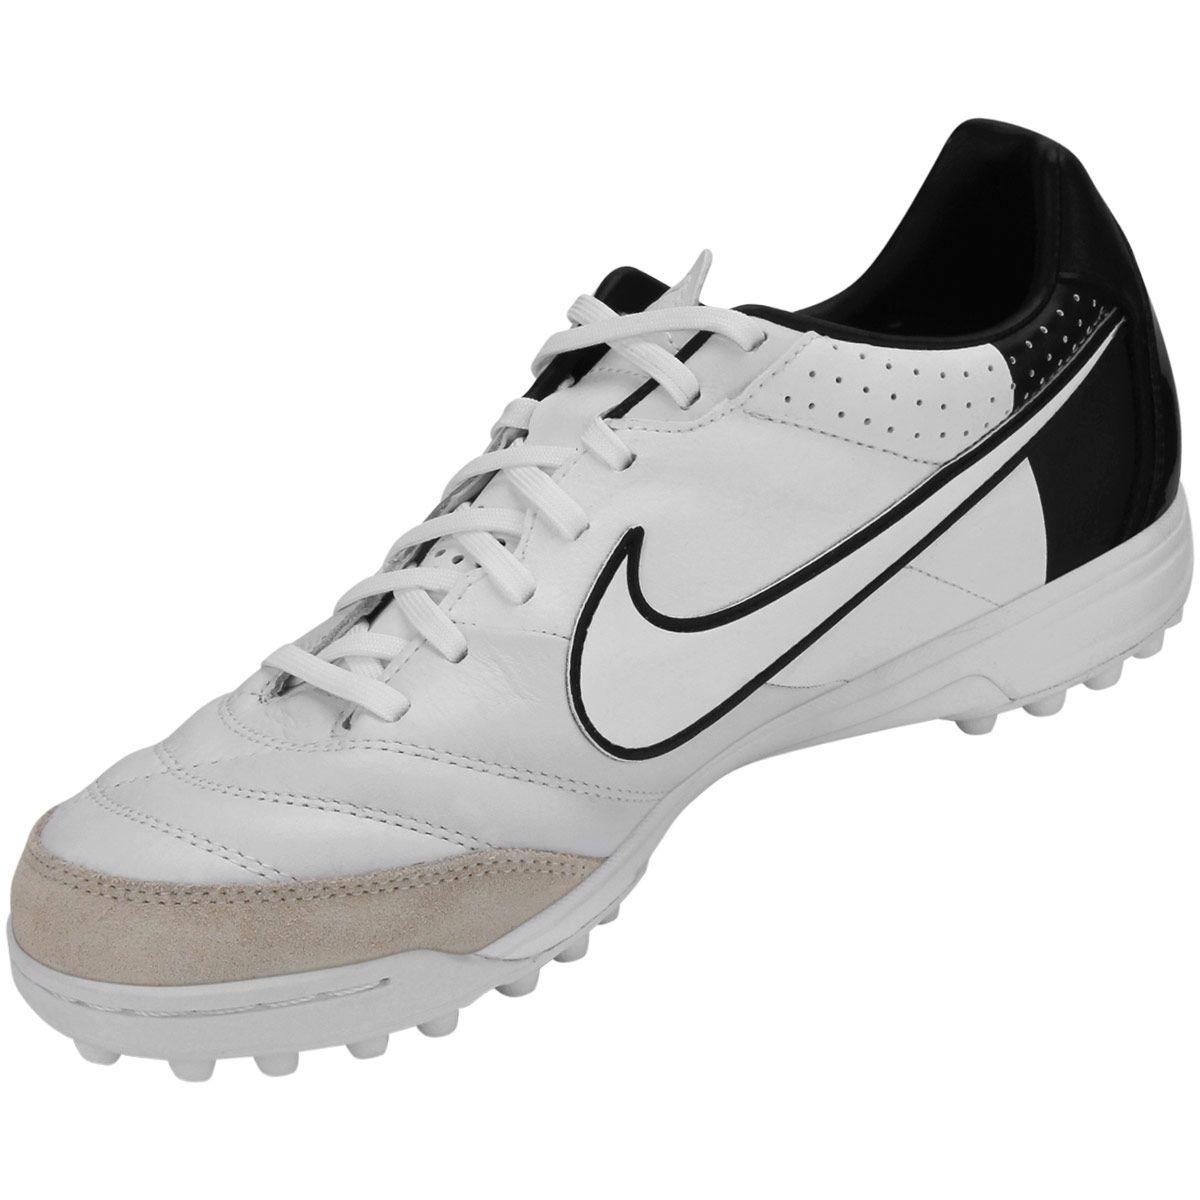 Chuteira Nike Tiempo Mystic 4 TF - Edição Especial  95e71cc5974bd